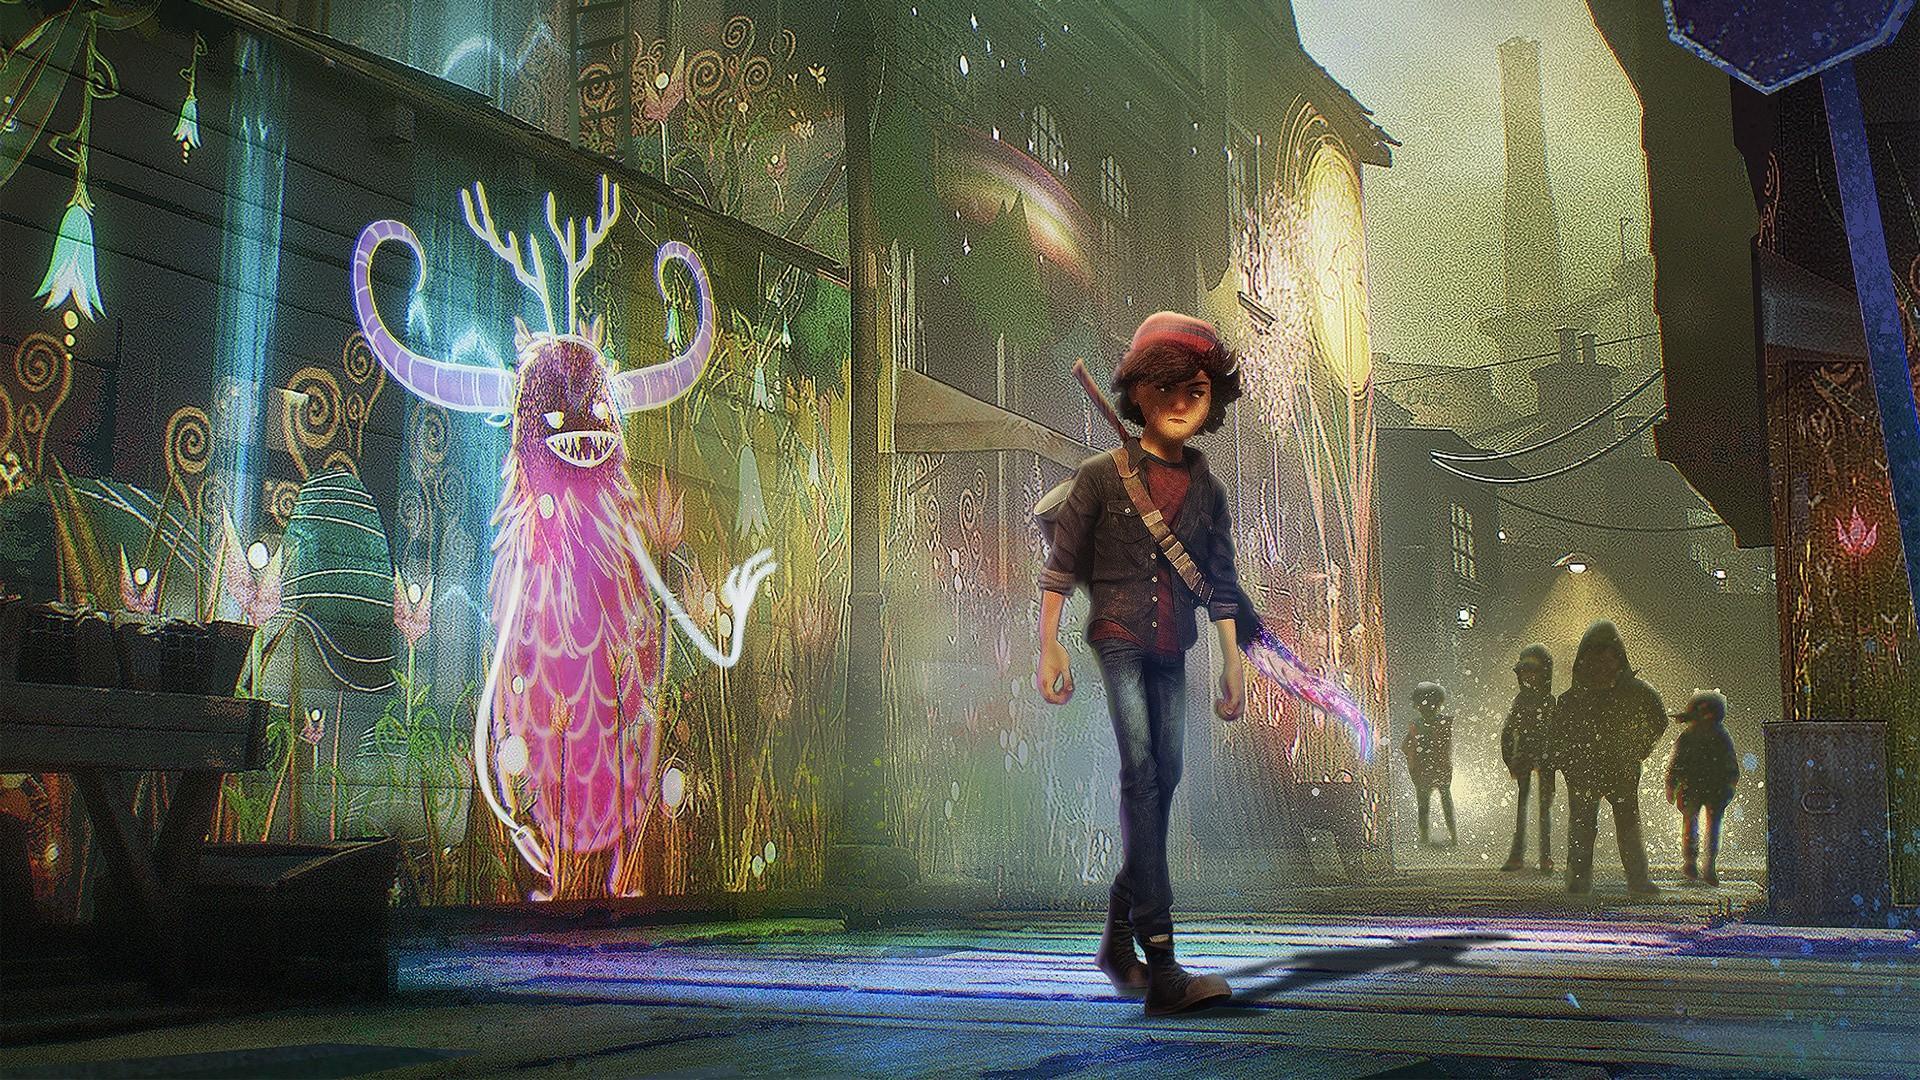 Разработчики Concrete Genie совместно с Sony Pictures Animation работают над новой игрой для PS5 2